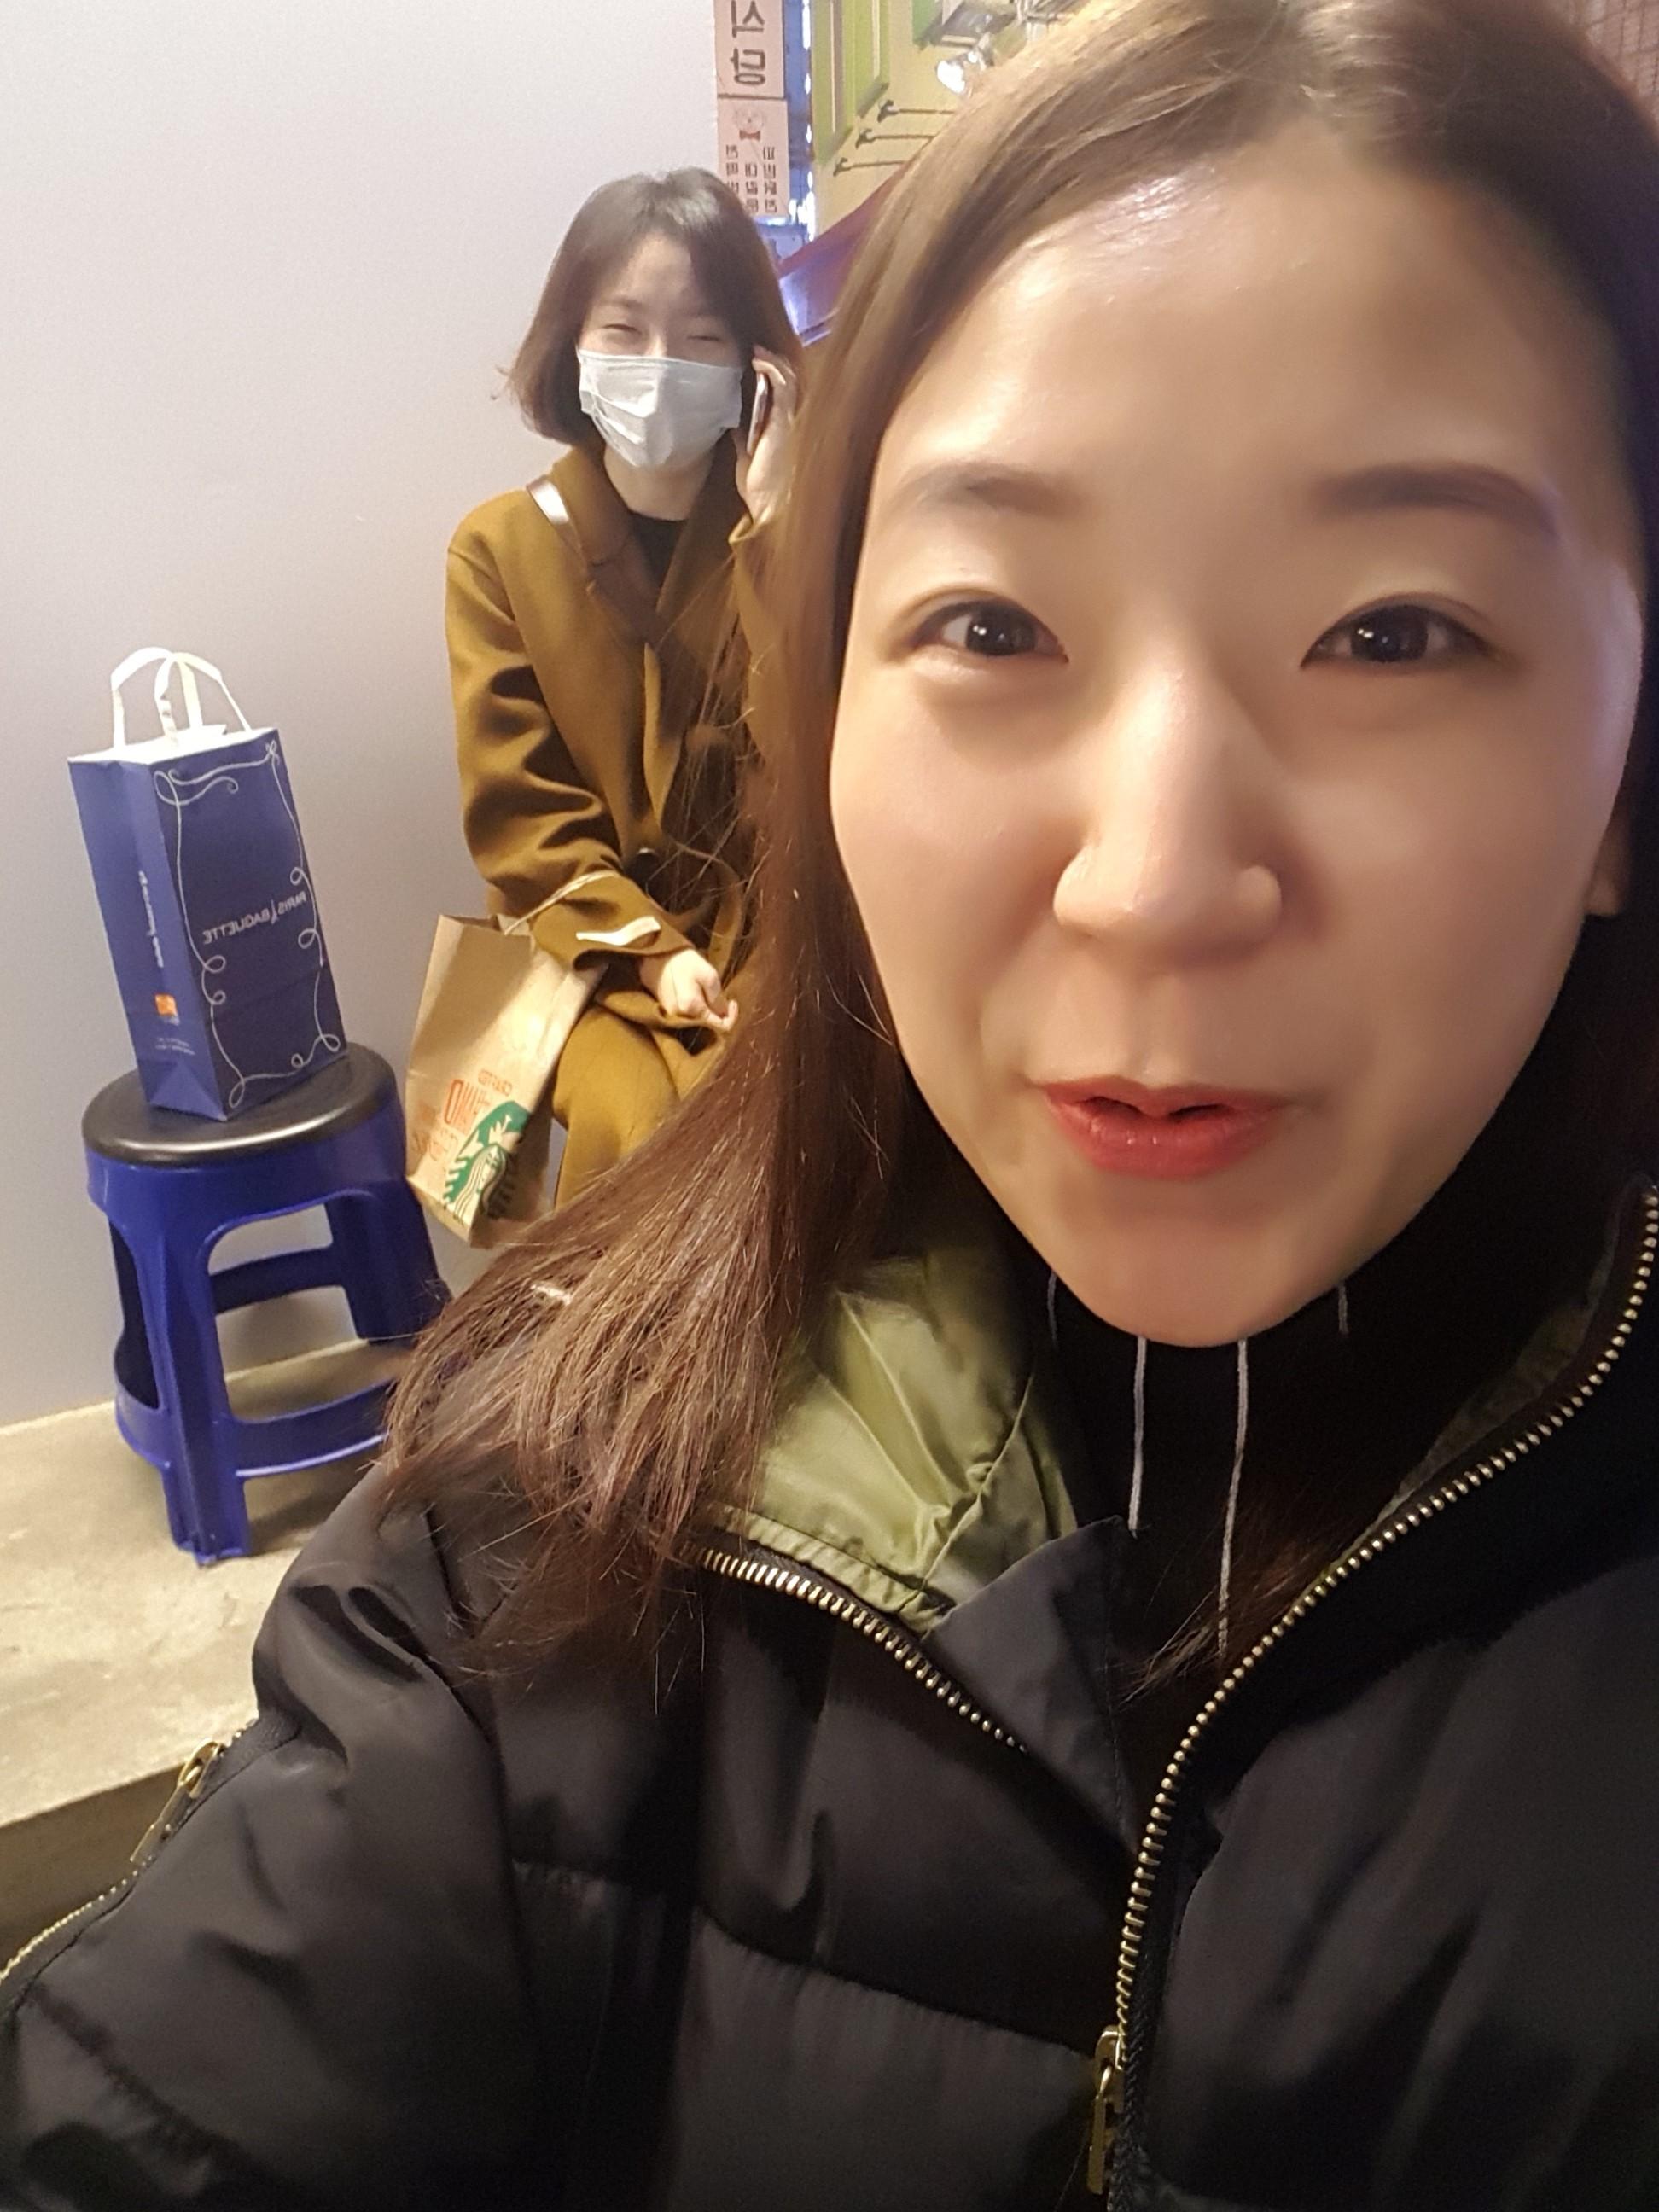 12월 12일 귀탱이 밍블리 생일♥